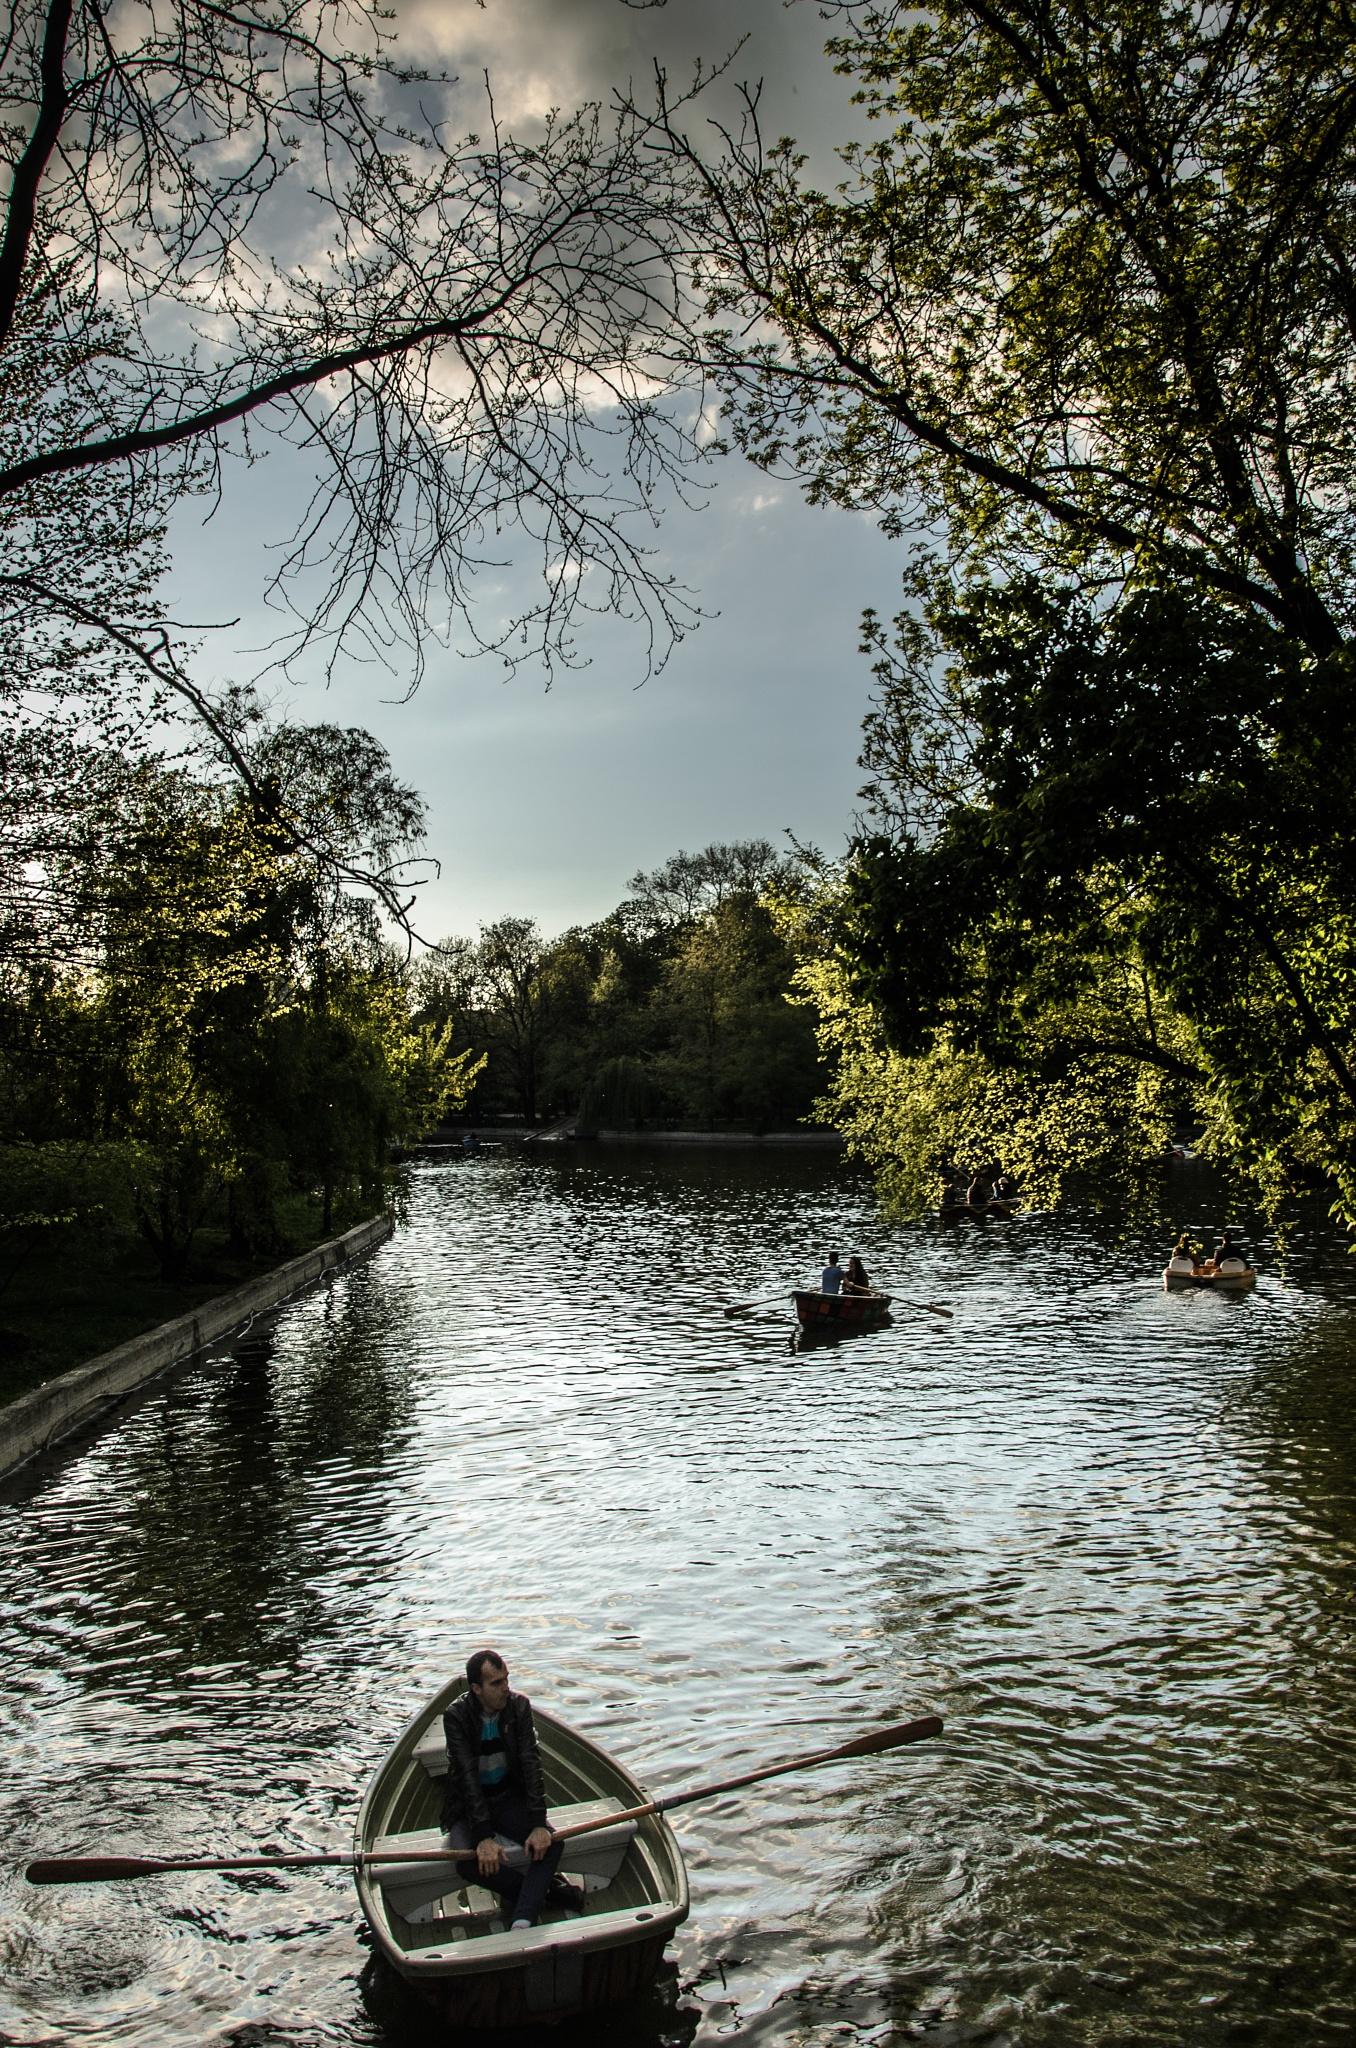 Weekend in the park by George Enciu